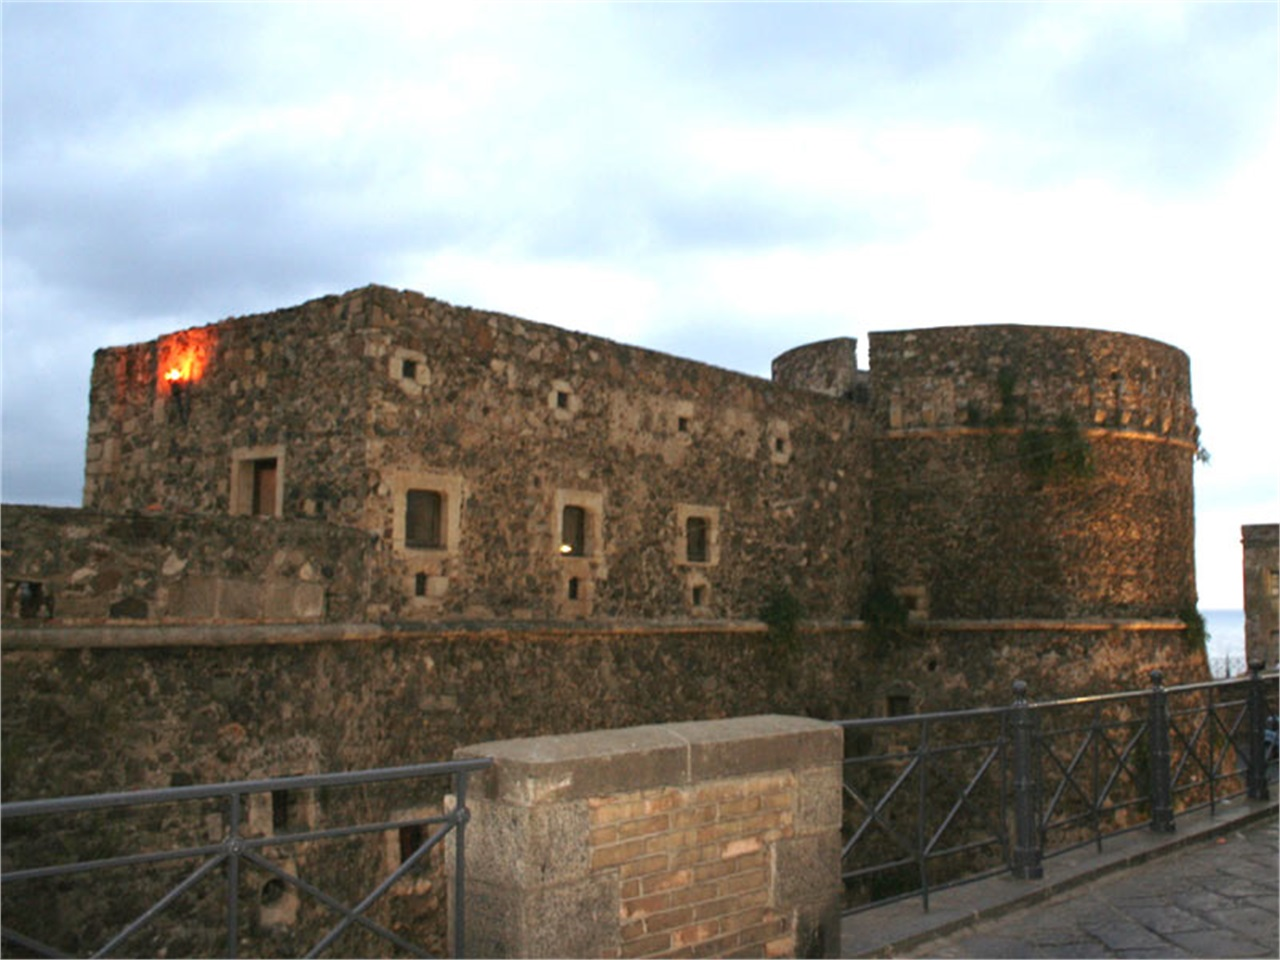 Case stregate pt 1 italia cond nast live for Case del castello francese